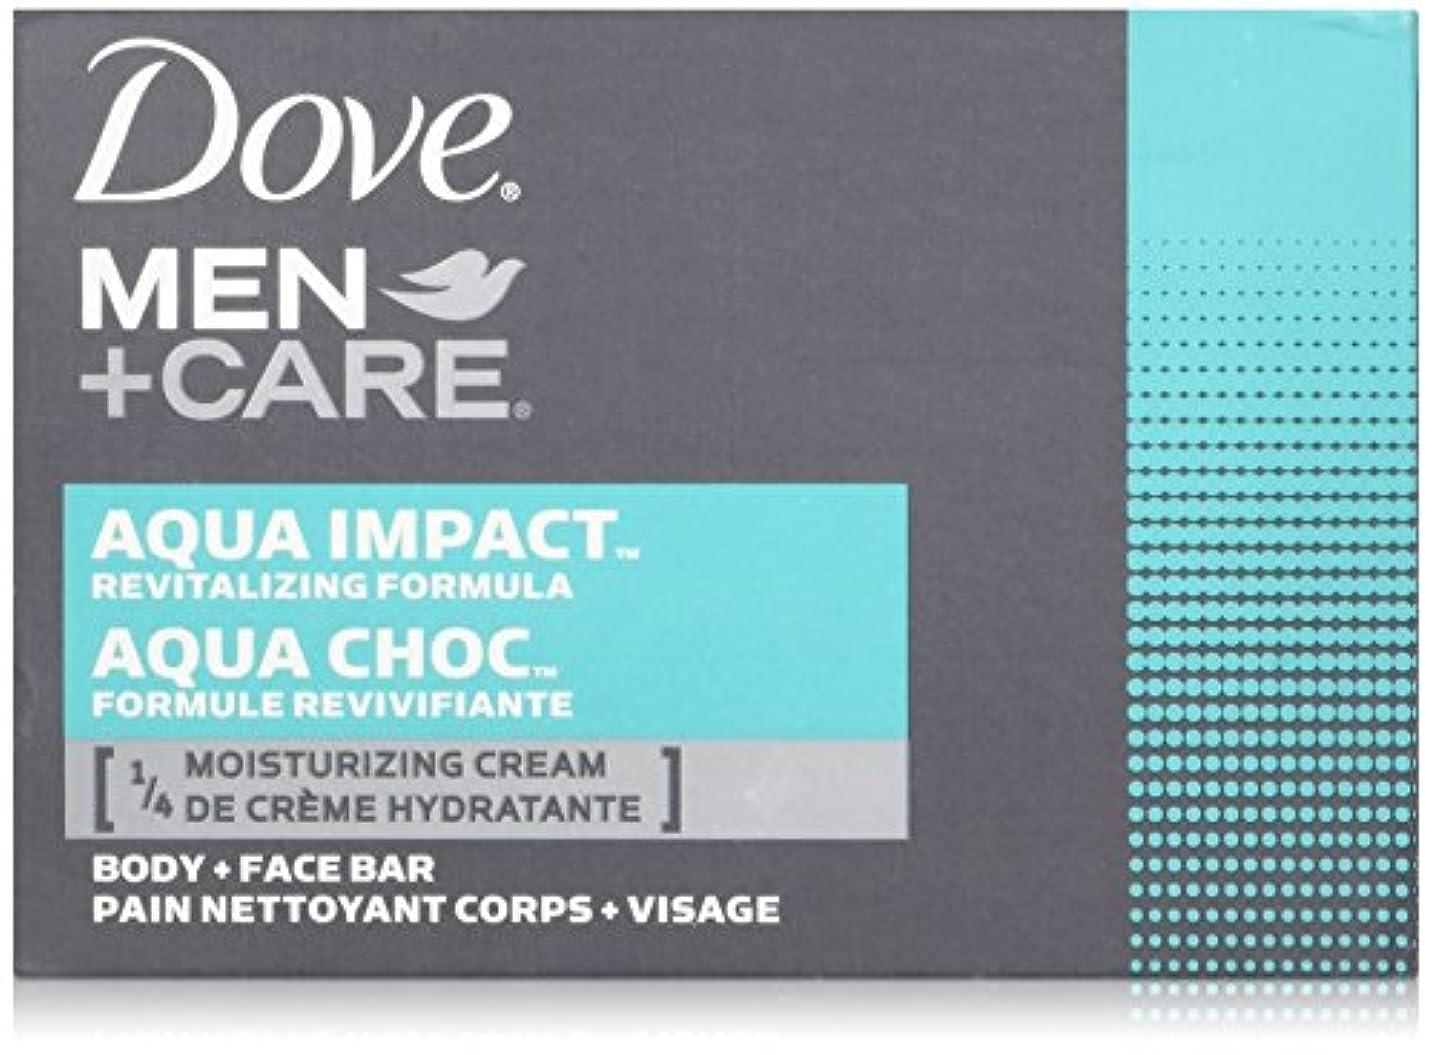 知恵脚本家罪人Dove Men + Care Body and Face Bar, AQUA IMPACT 4oz x 6soaps ダブ メン プラスケア アクアインパクト 固形石鹸 4oz x 6個パック